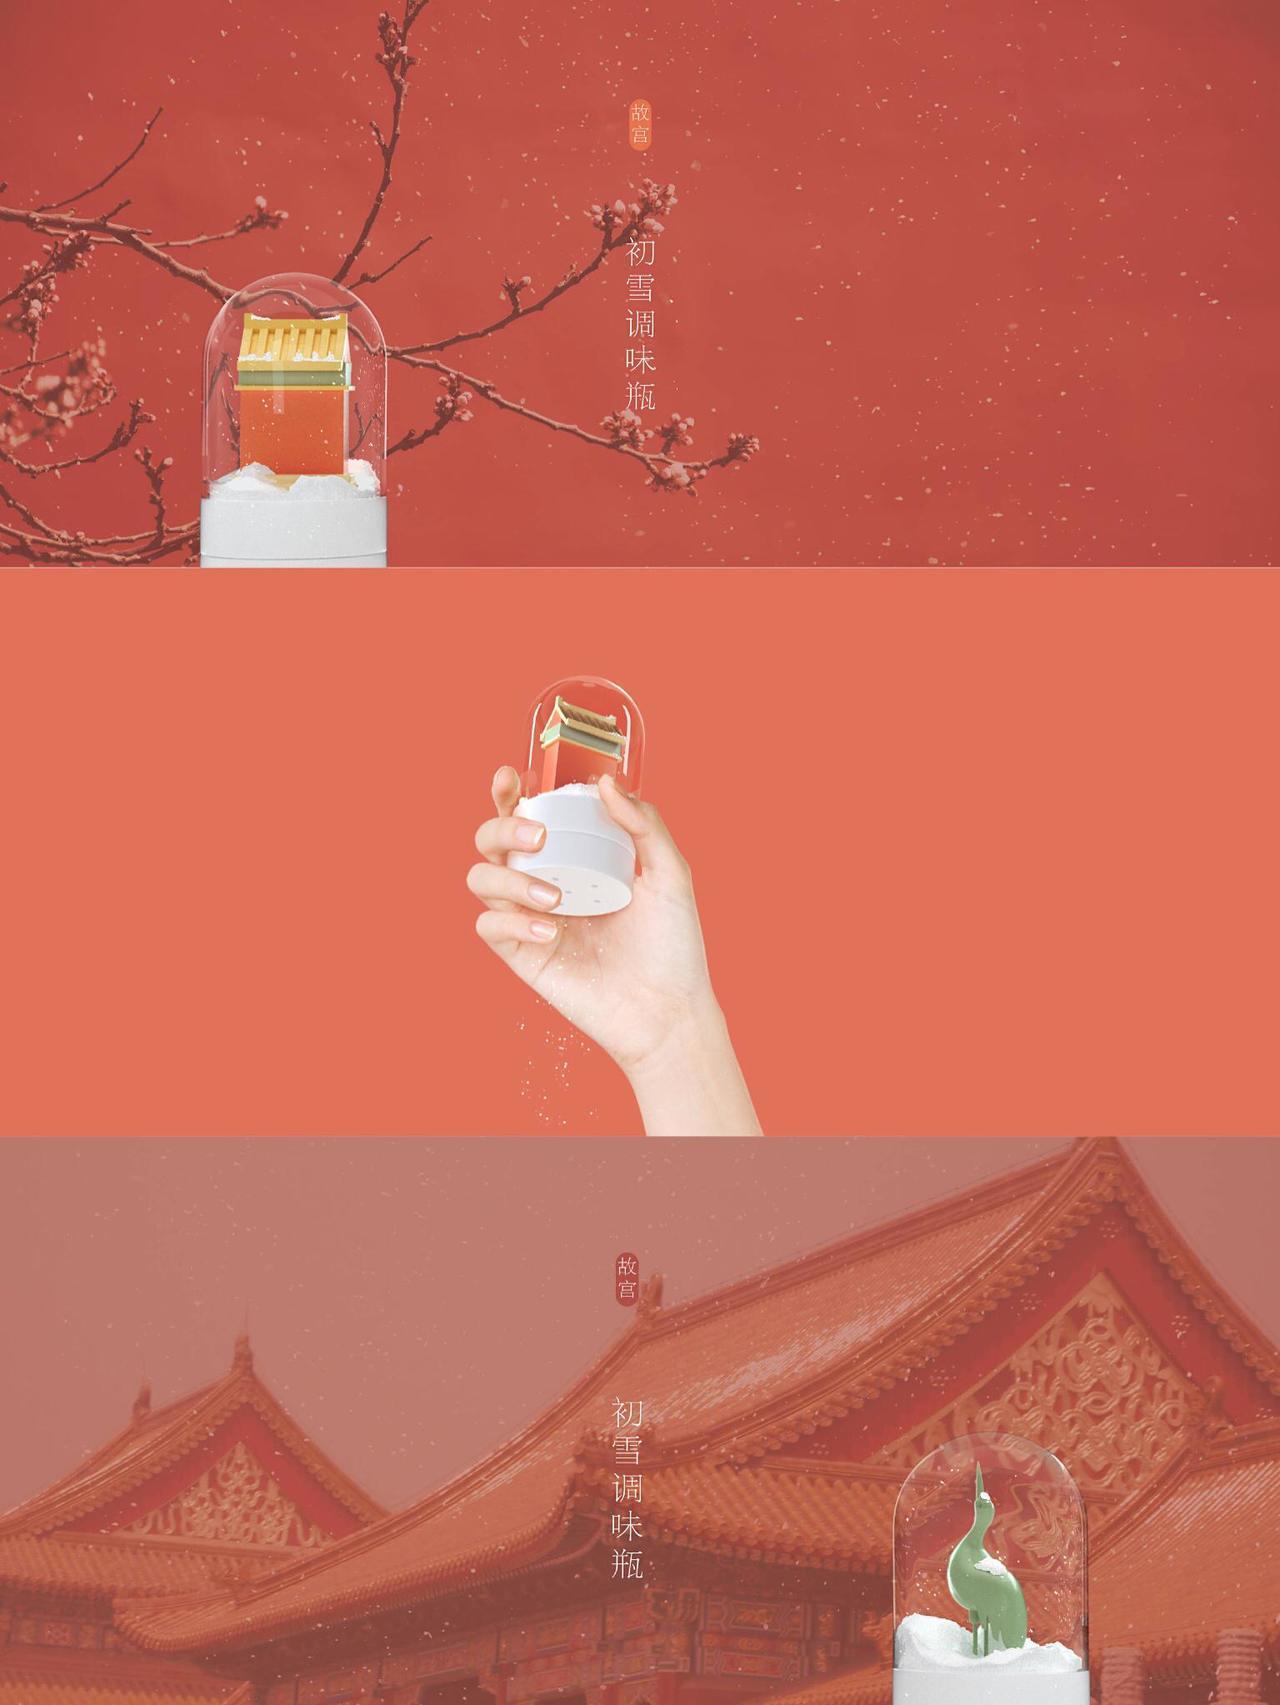 北京故宮文創商品「初雪」調料罐,以宮牆、石獅和銅鶴造型,網友評價讓廚房直接升級為...